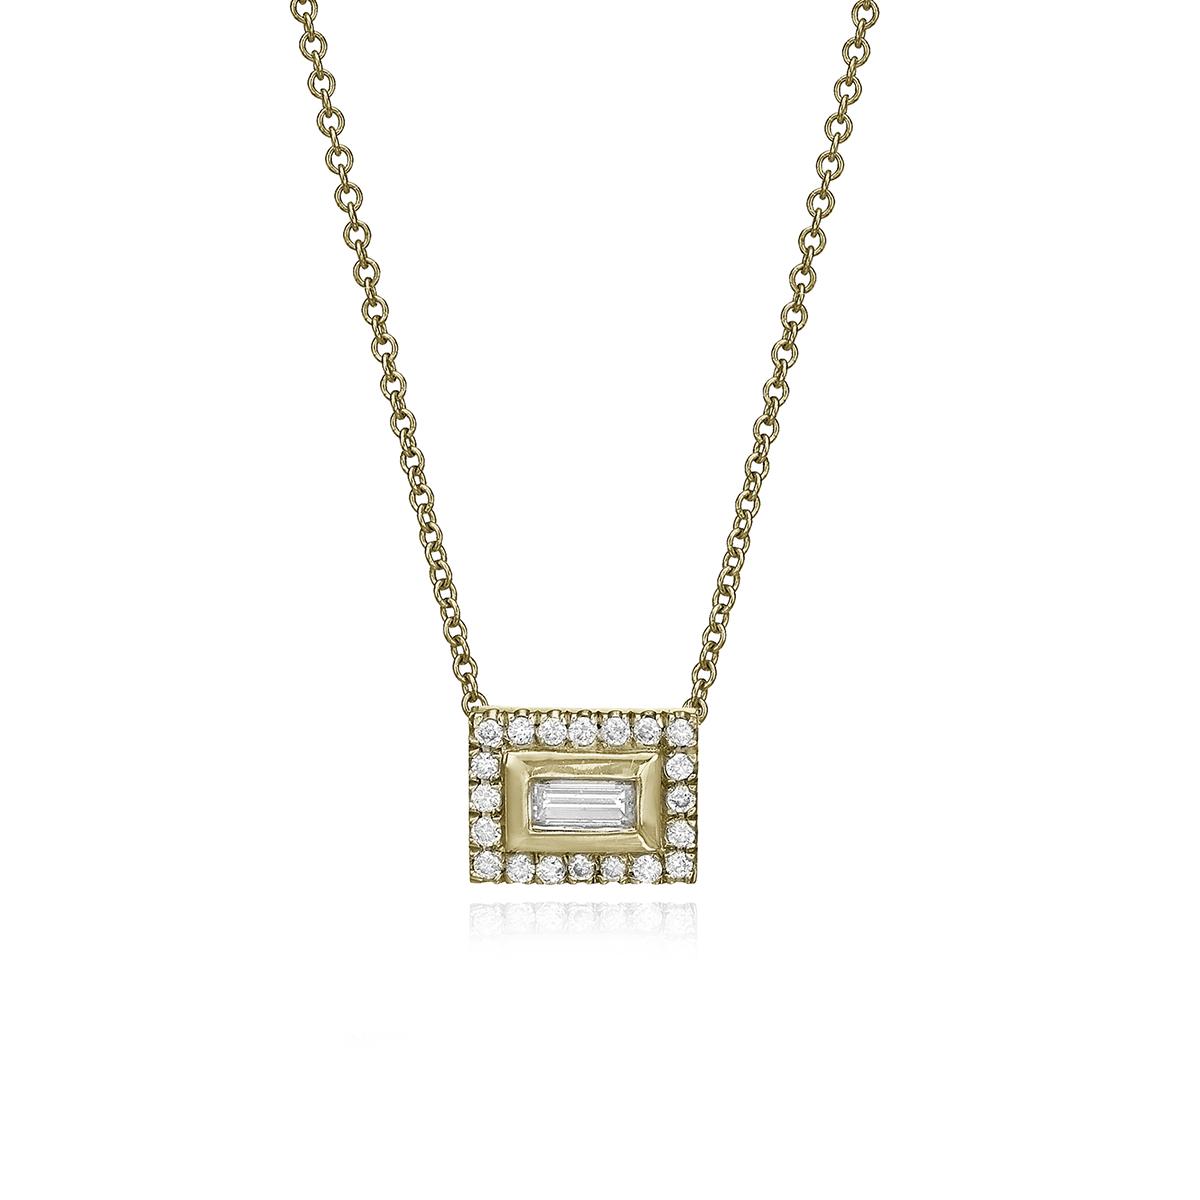 שרשרת זהב משבצת יהלום בחיתוך בגט